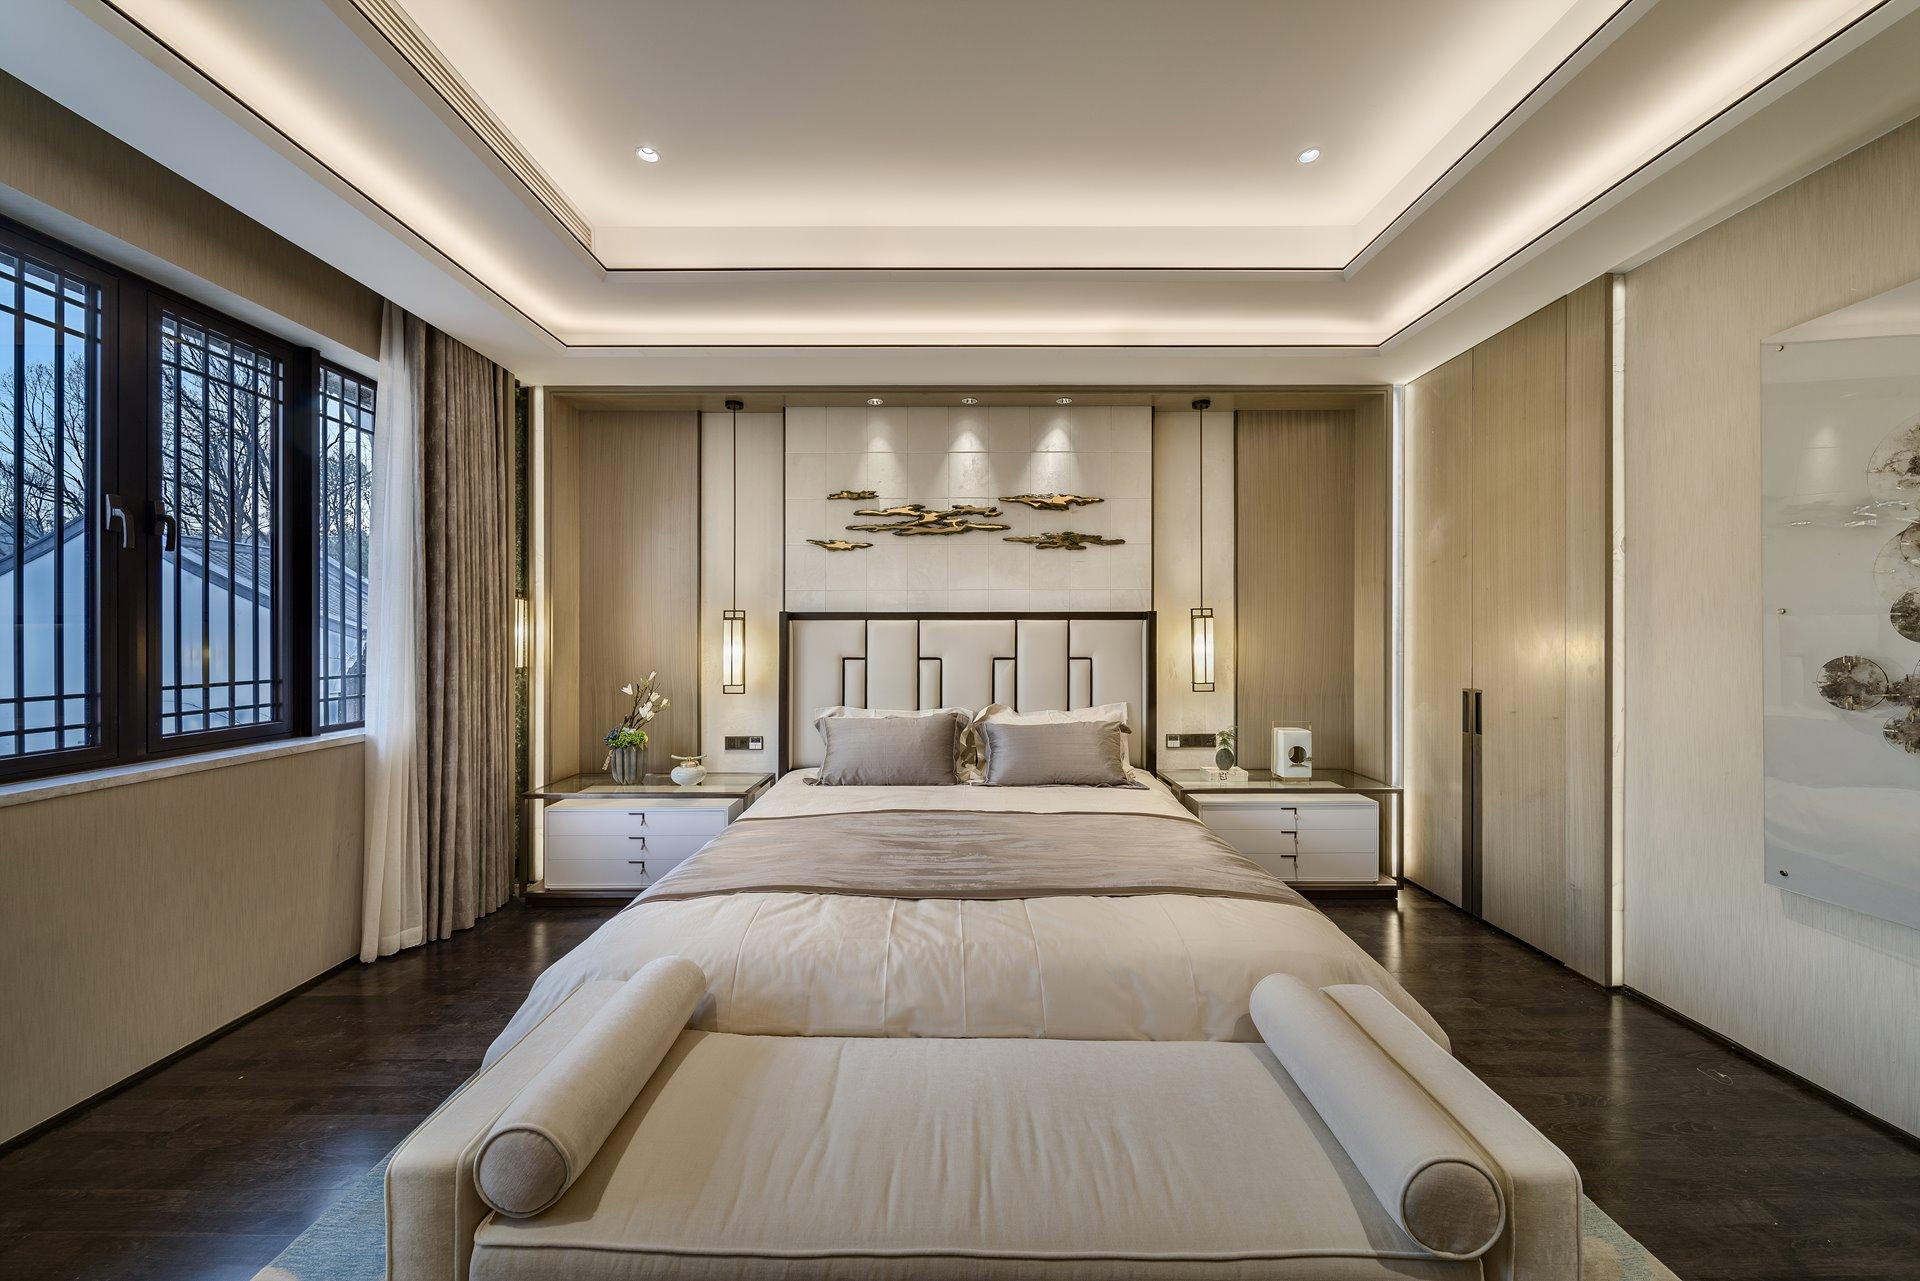 御翠园 别墅装修 新中式风格 腾龙设计 卧室图片来自孔继民在中式风格设计方案展示案例展示的分享